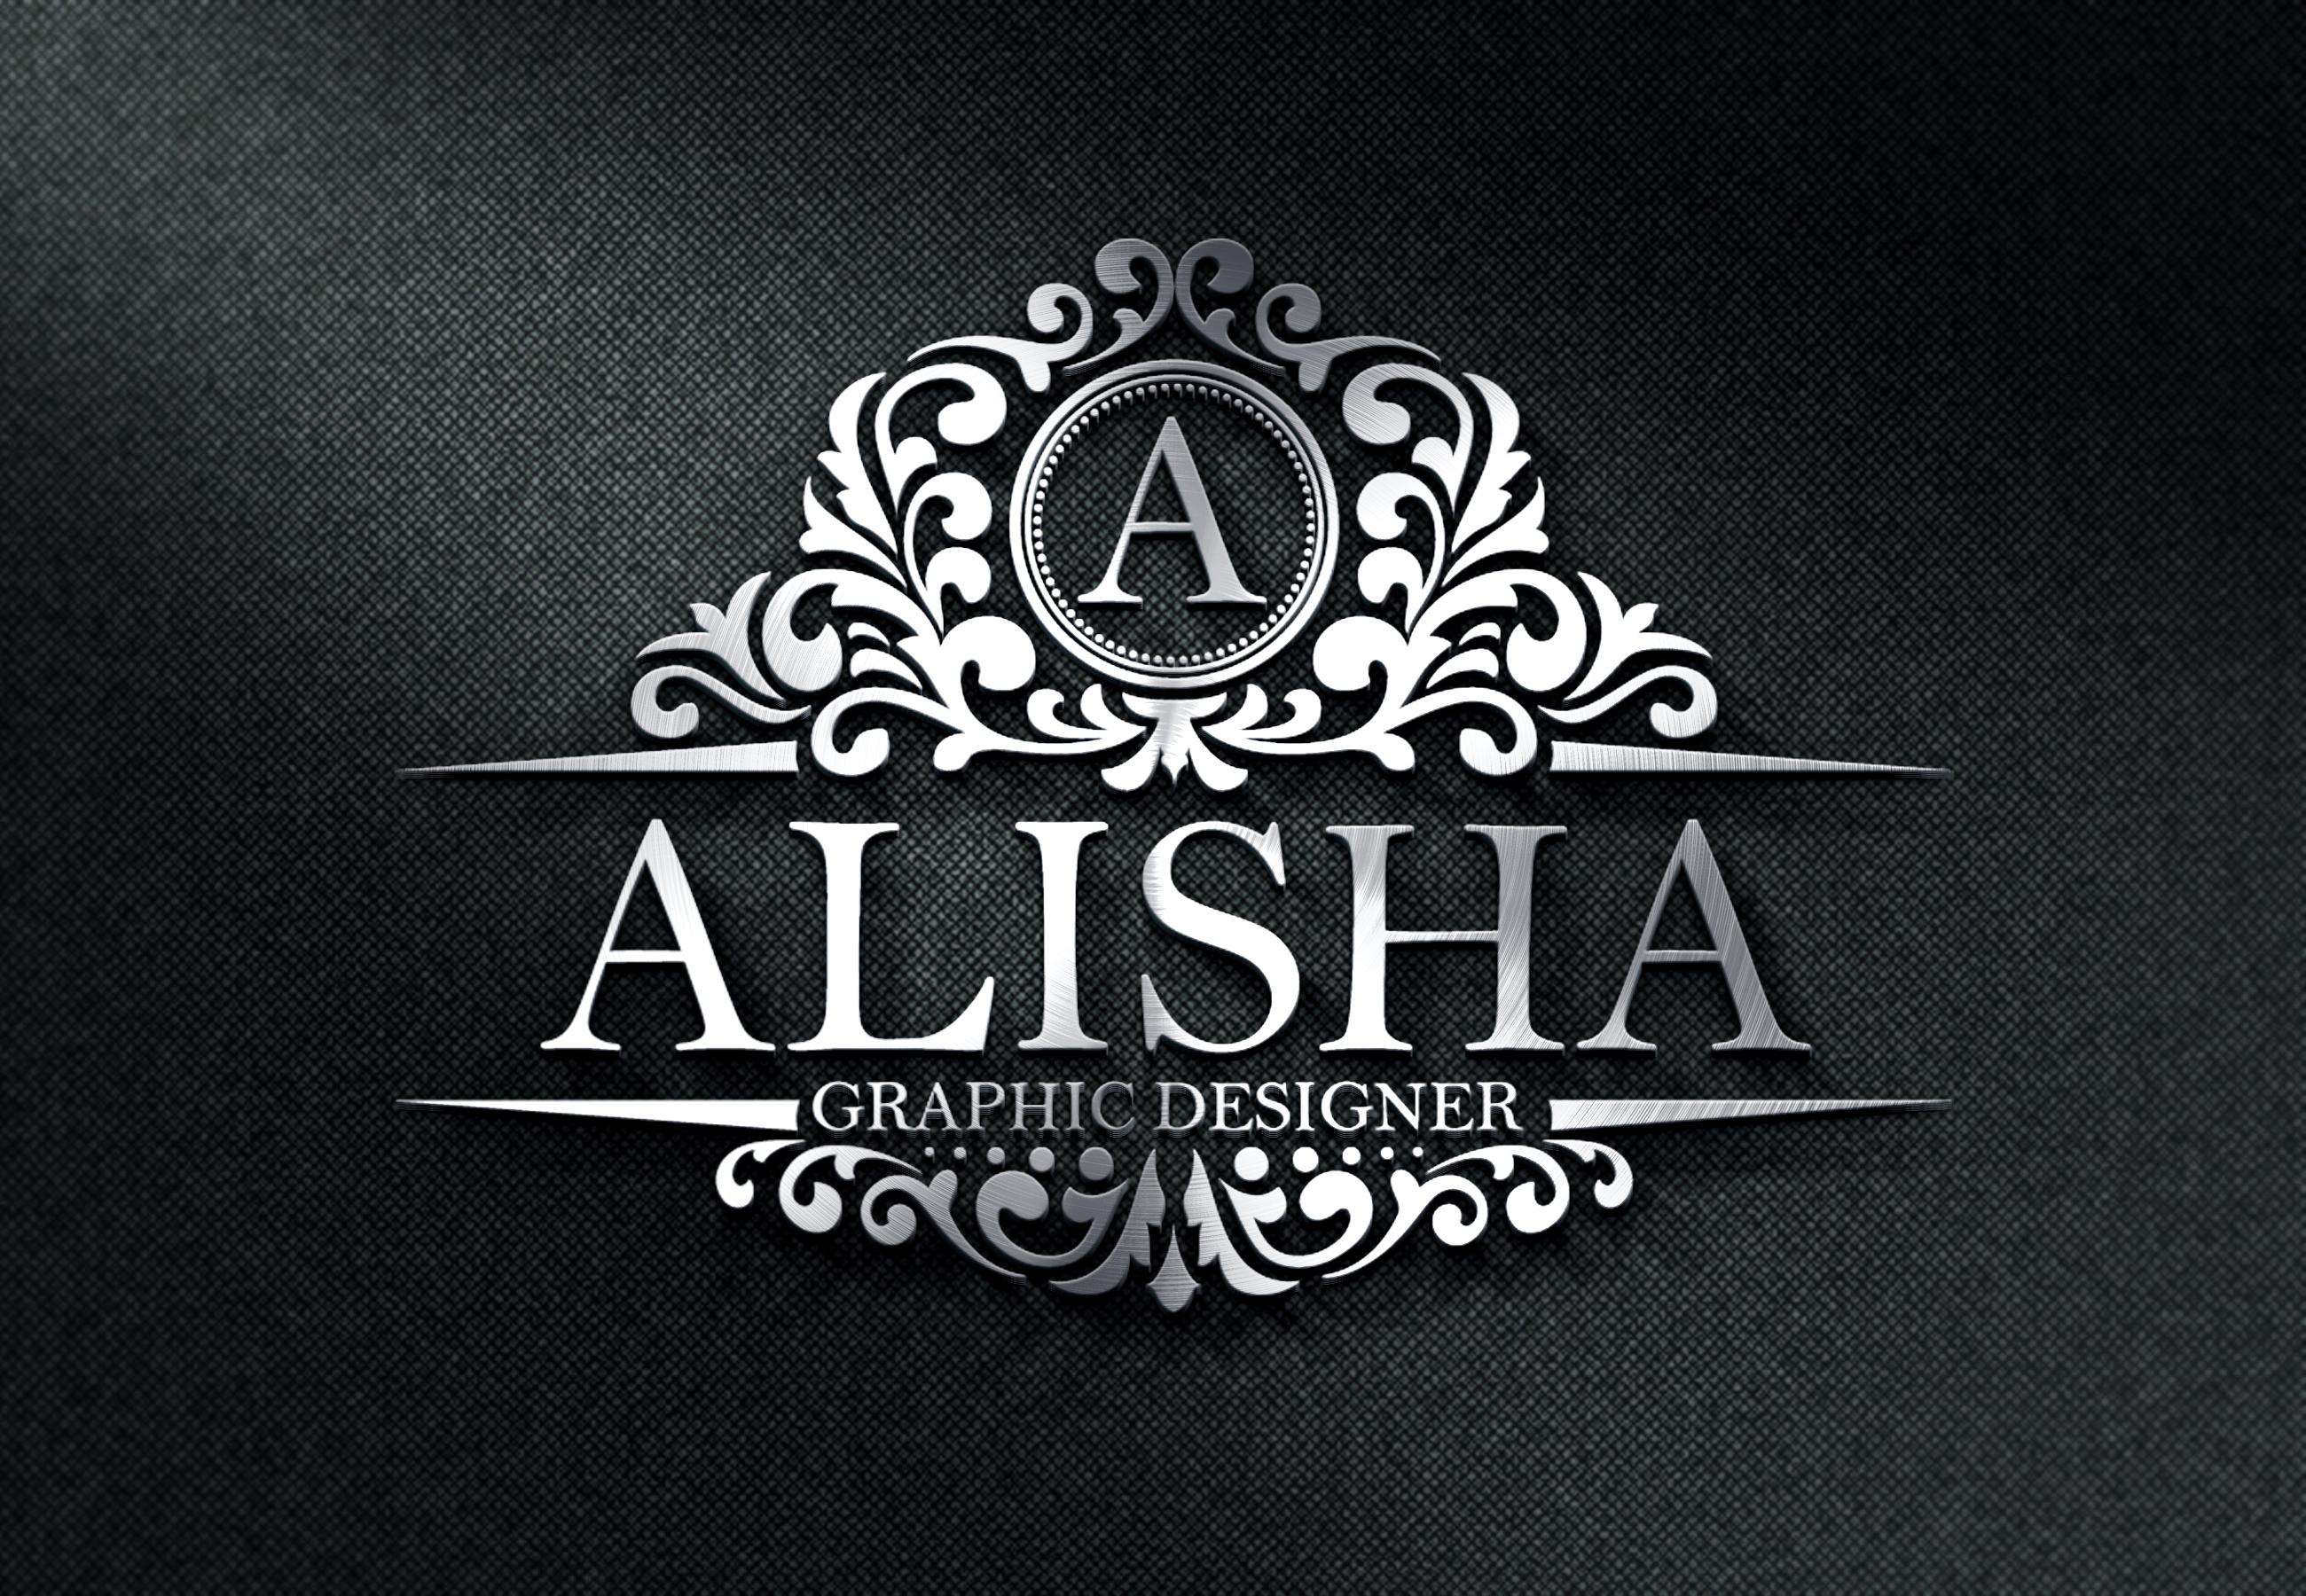 I design beautiful logo design and graphic design